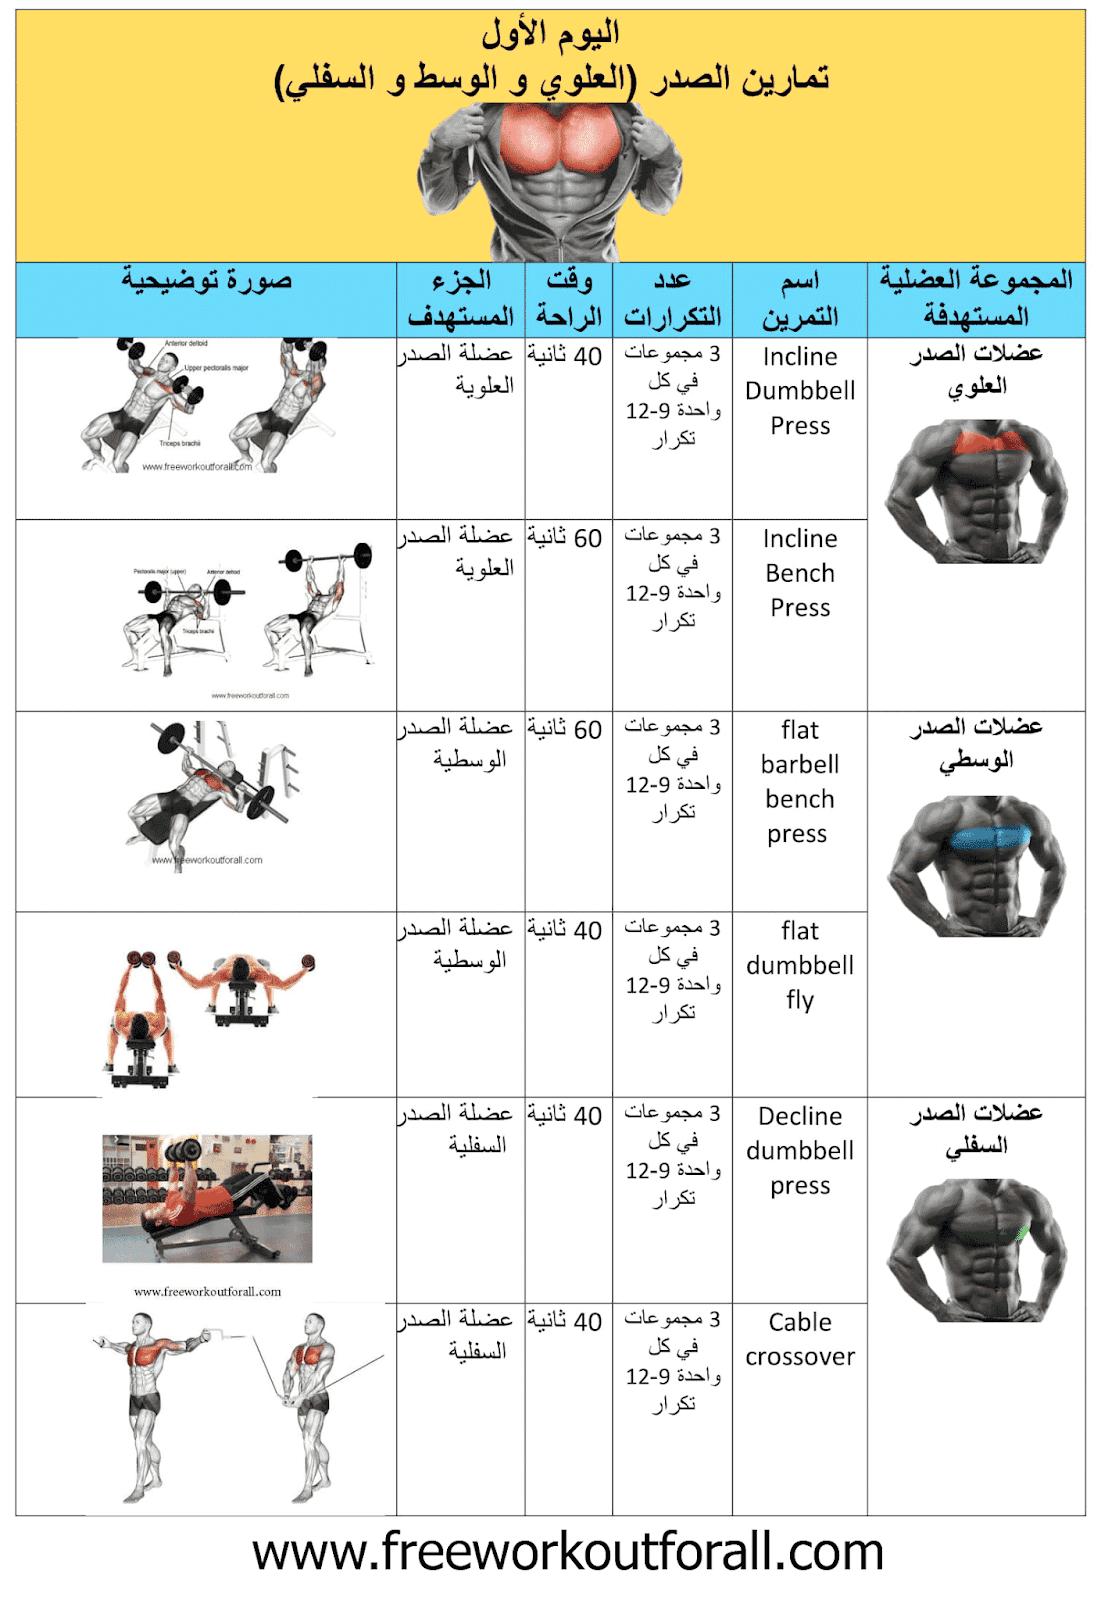 جدول تمارين كمال الاجسام 5 ايام Workout Schedule Gym Schedule Workout Routine For Men